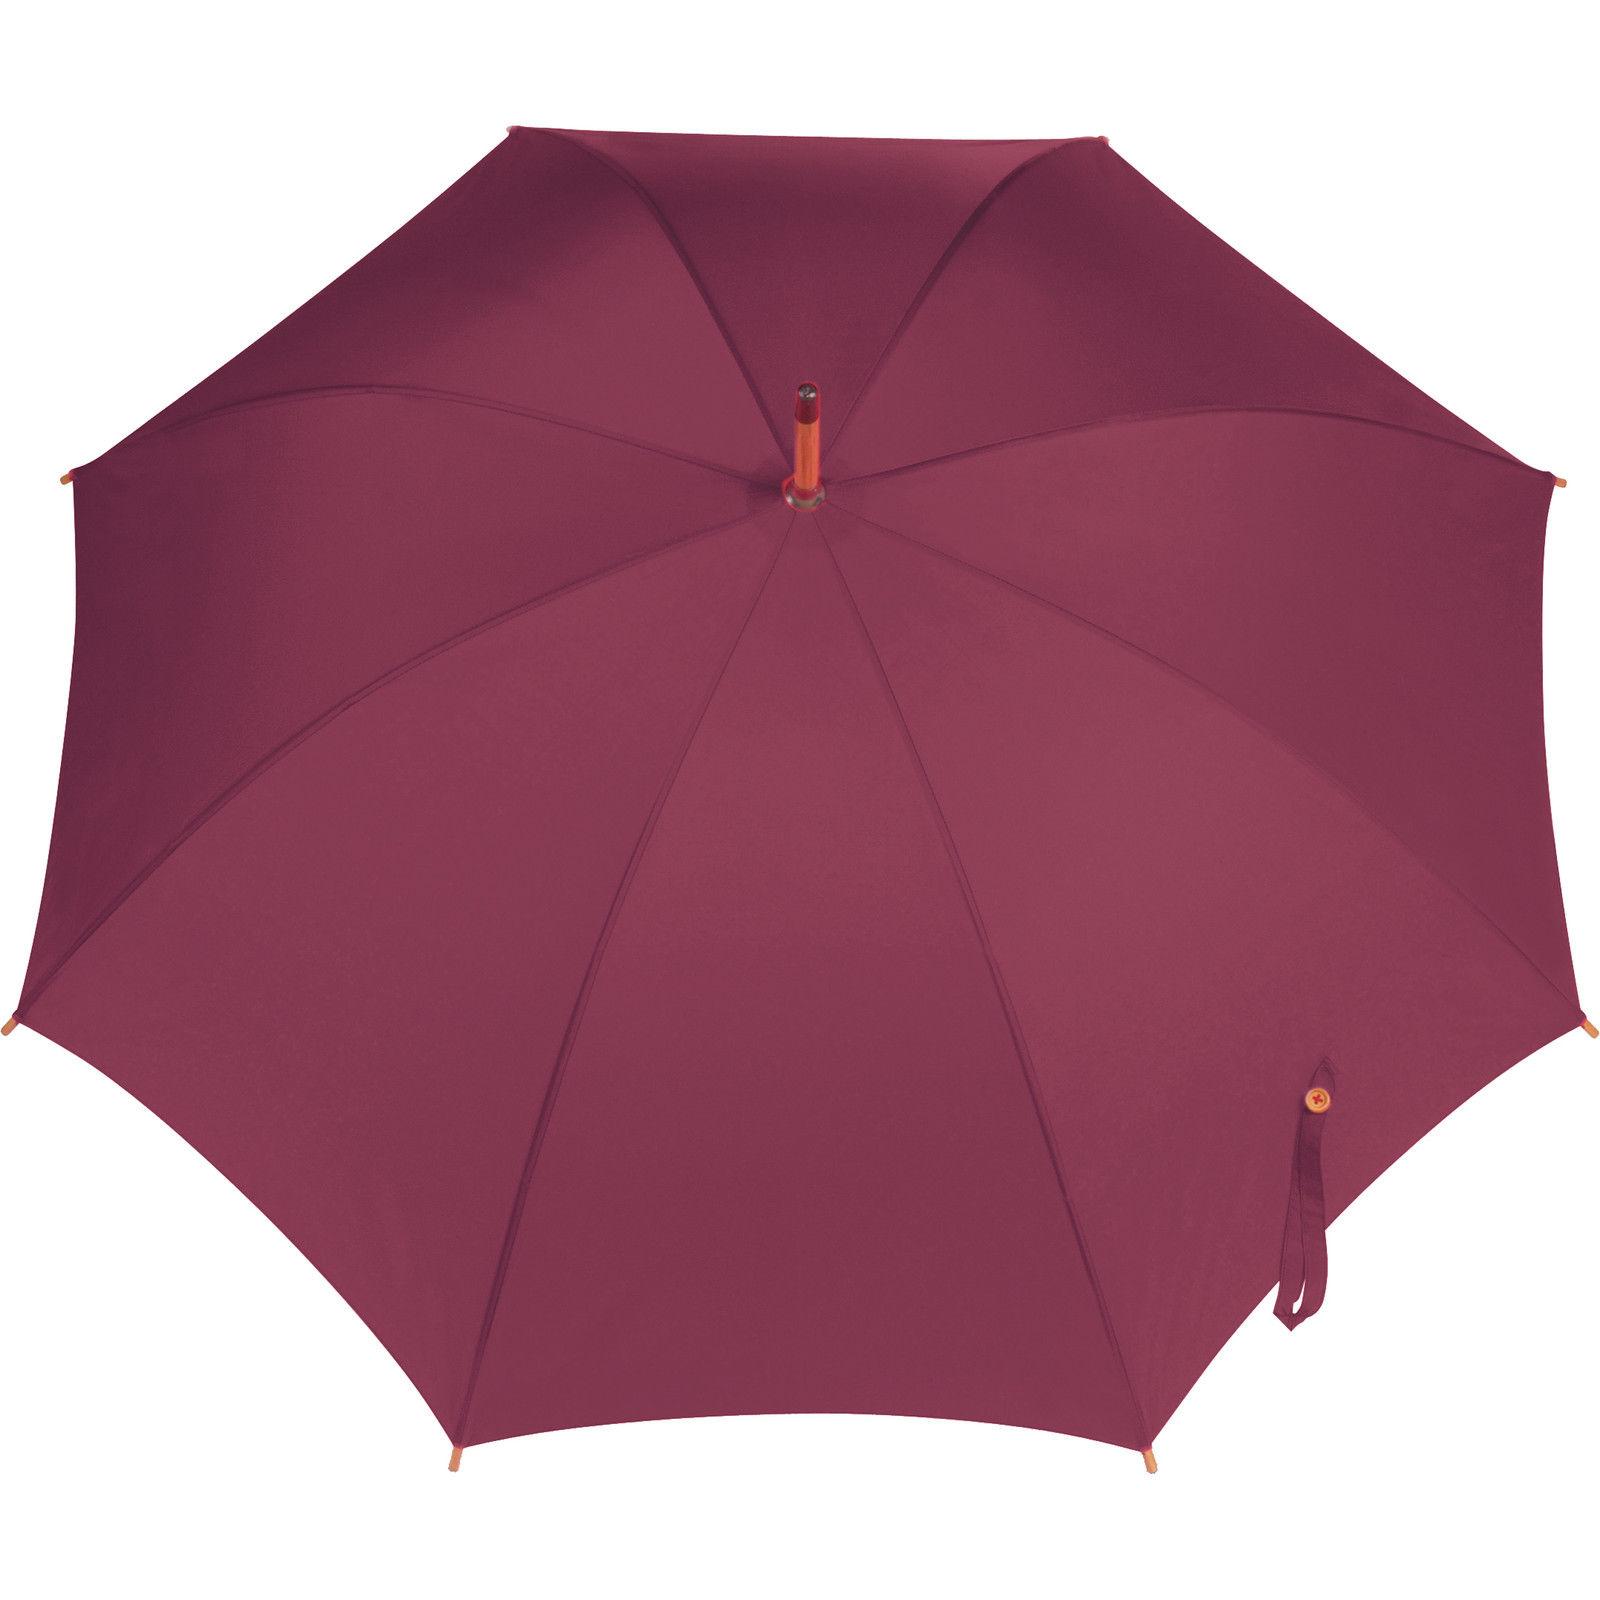 3bfb0be63bc9 Matrimonio classico stile ombrello con impugnatura in legno. Apertura  manuale. -106Cm 42